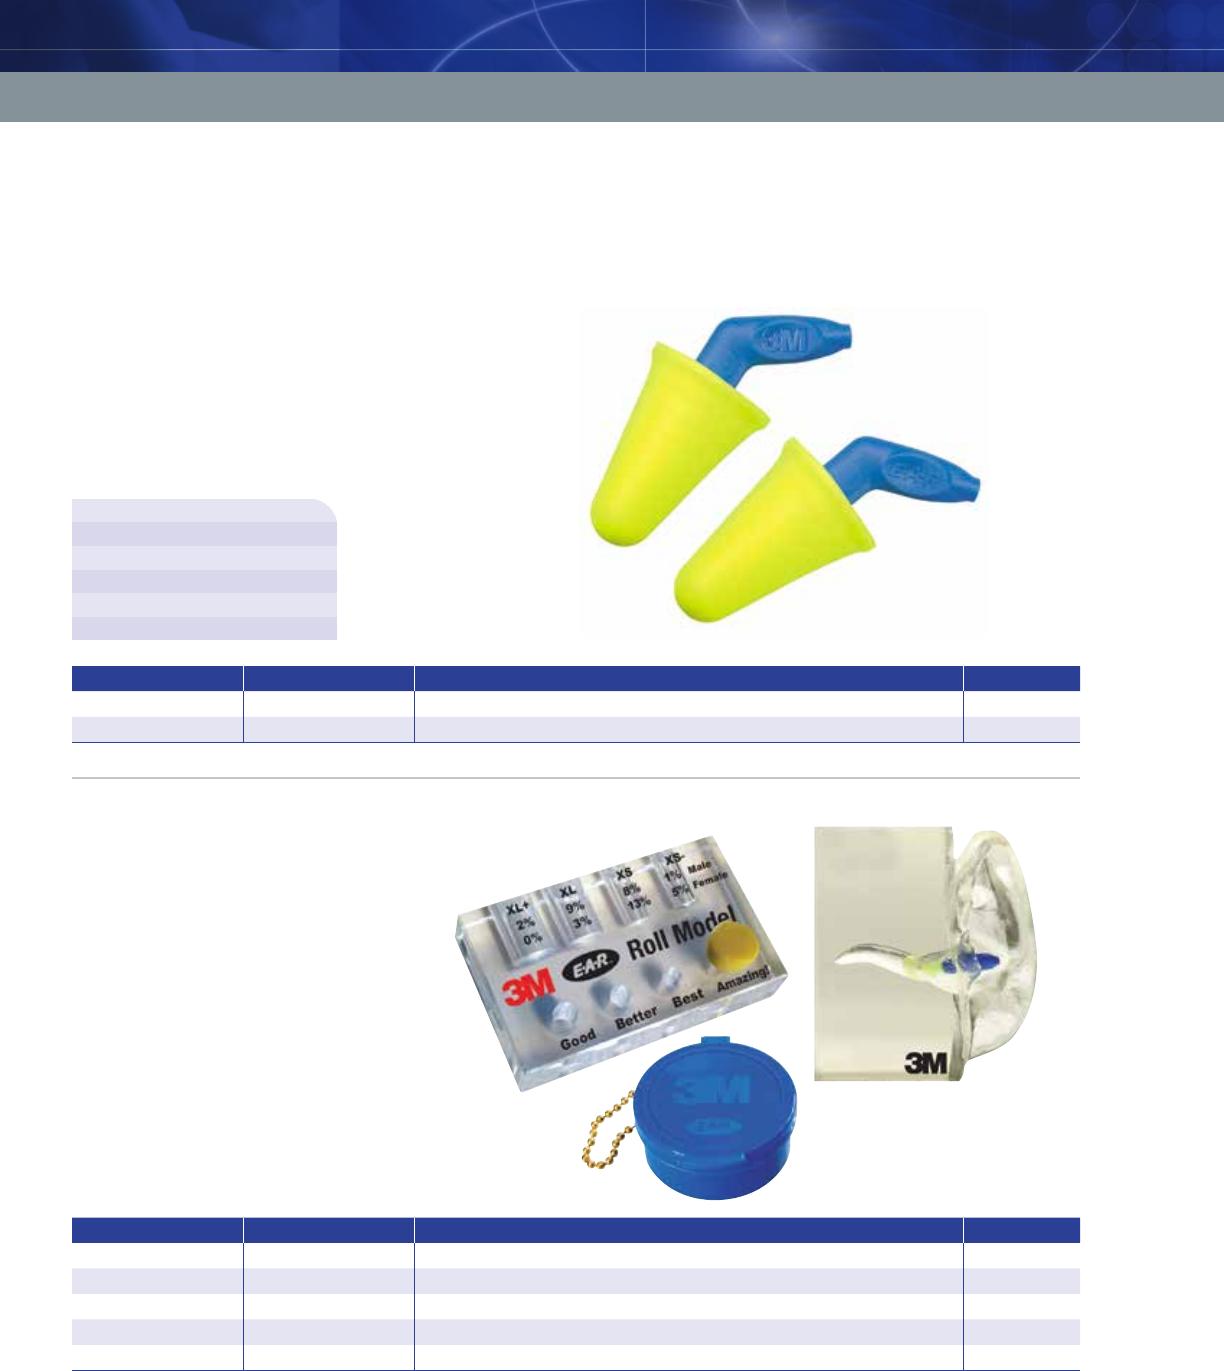 393-2010-50  10 Pair EA//Bag 3M™ 1100 Probed Test Plugs